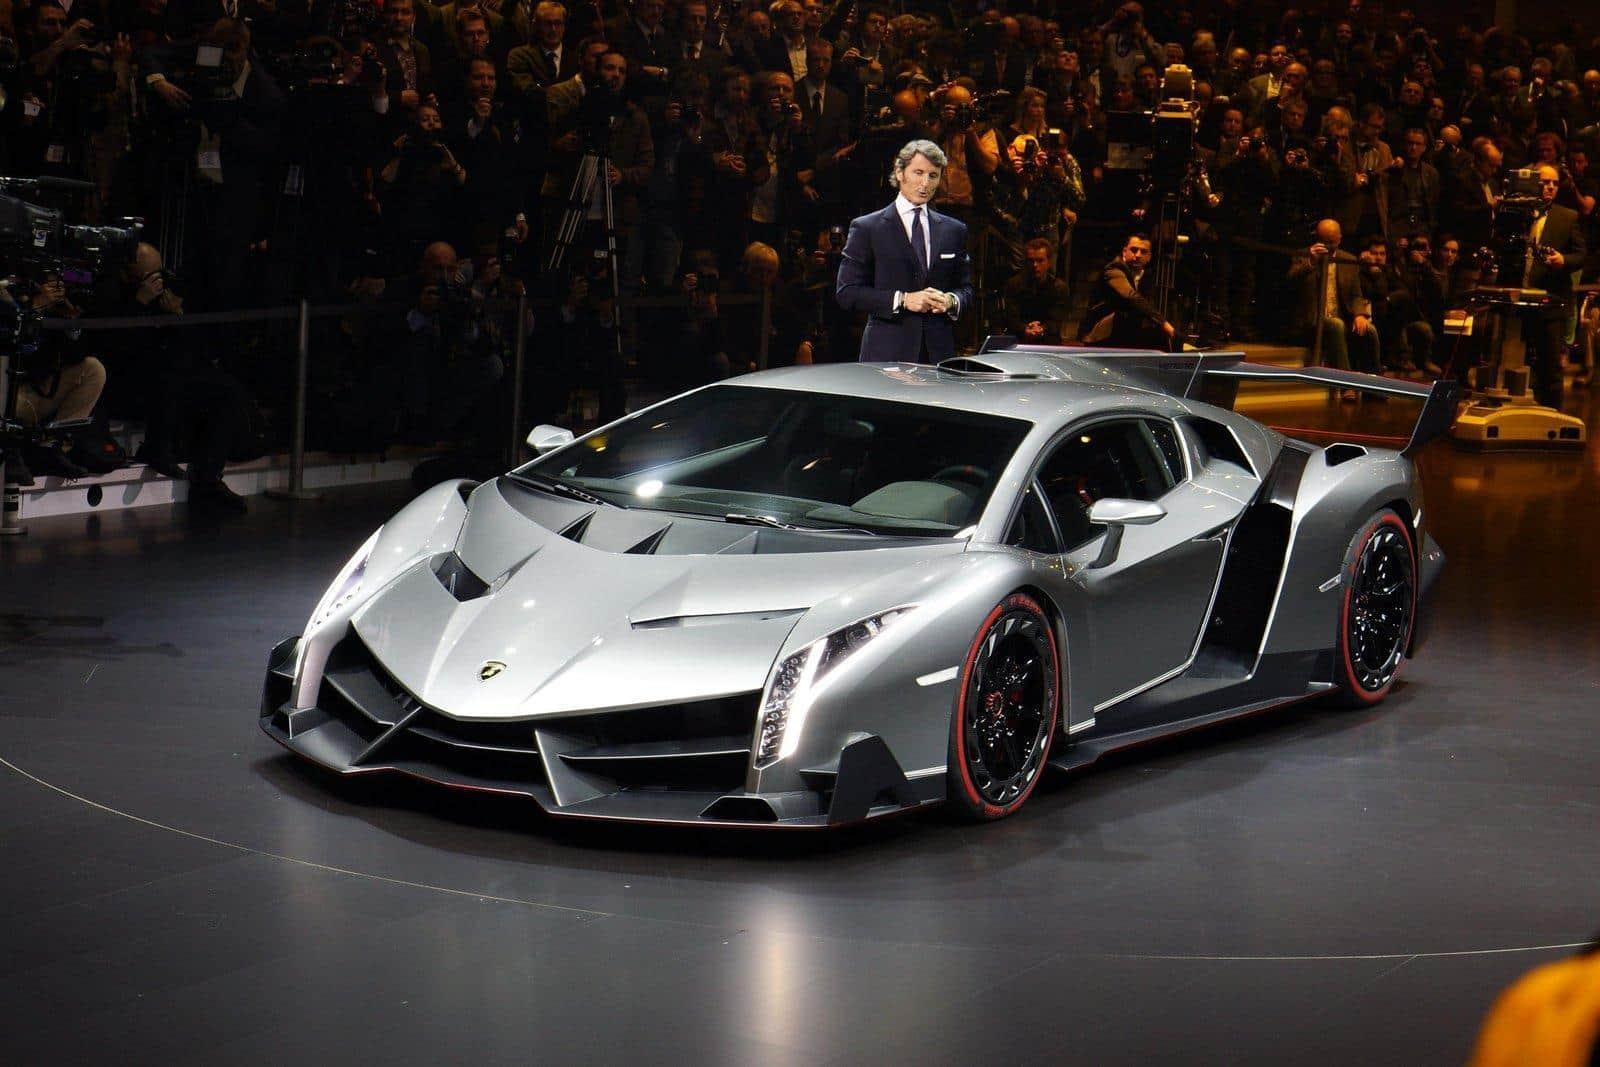 The Exclusive Lamborghini Veneno